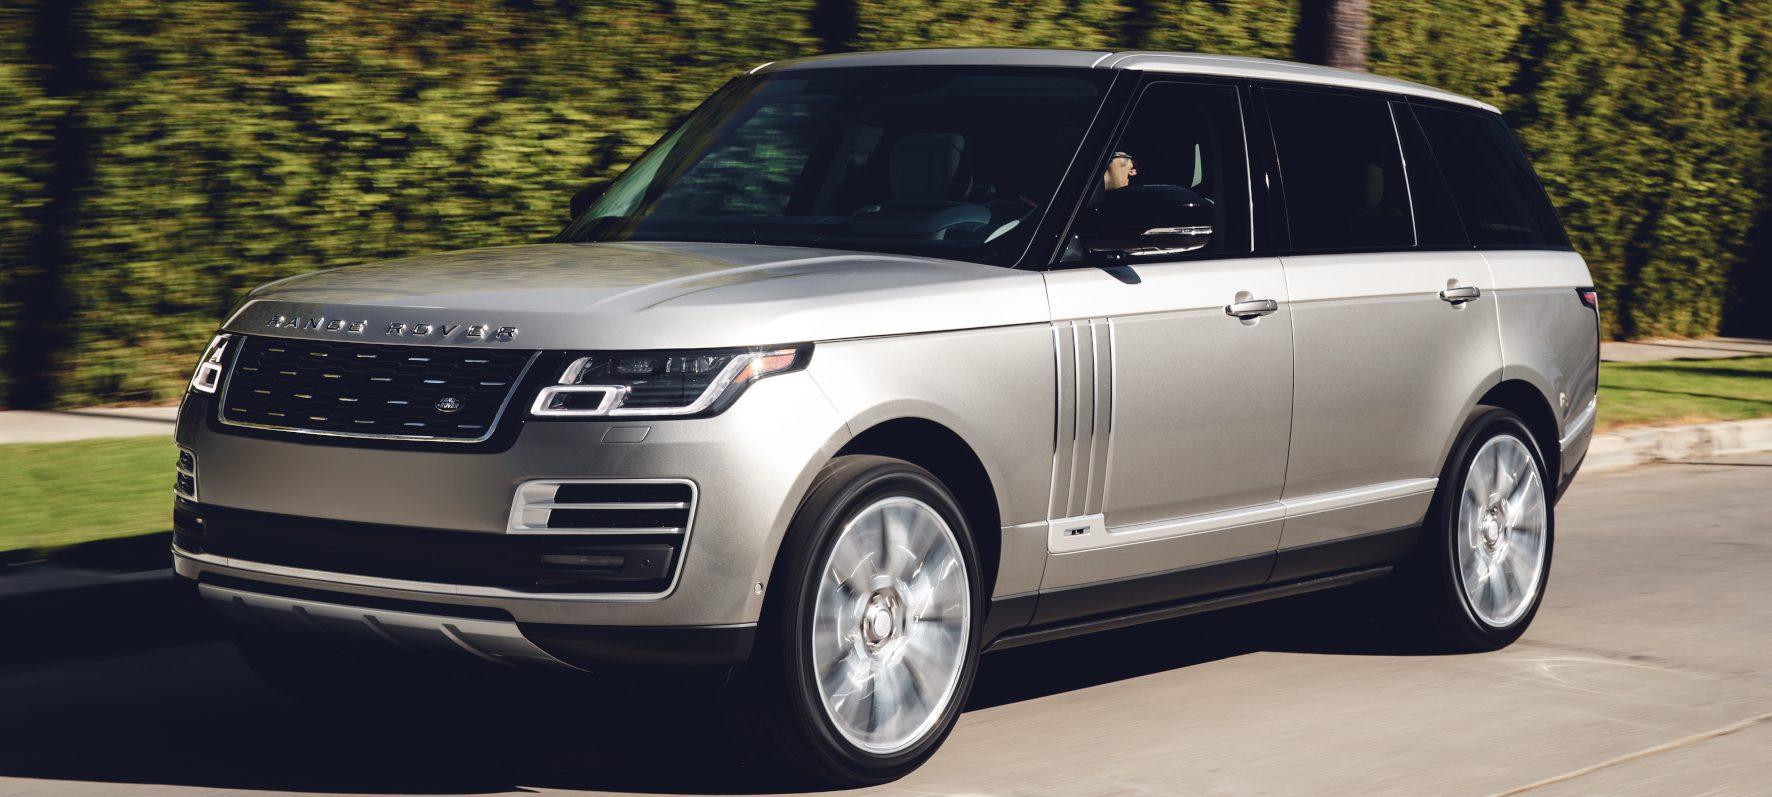 Reisefährt mit hohen Offroad-Fähigkeiten: Der Range Rover hat einen neuen Diesel-V6 unter der schicken Haube.